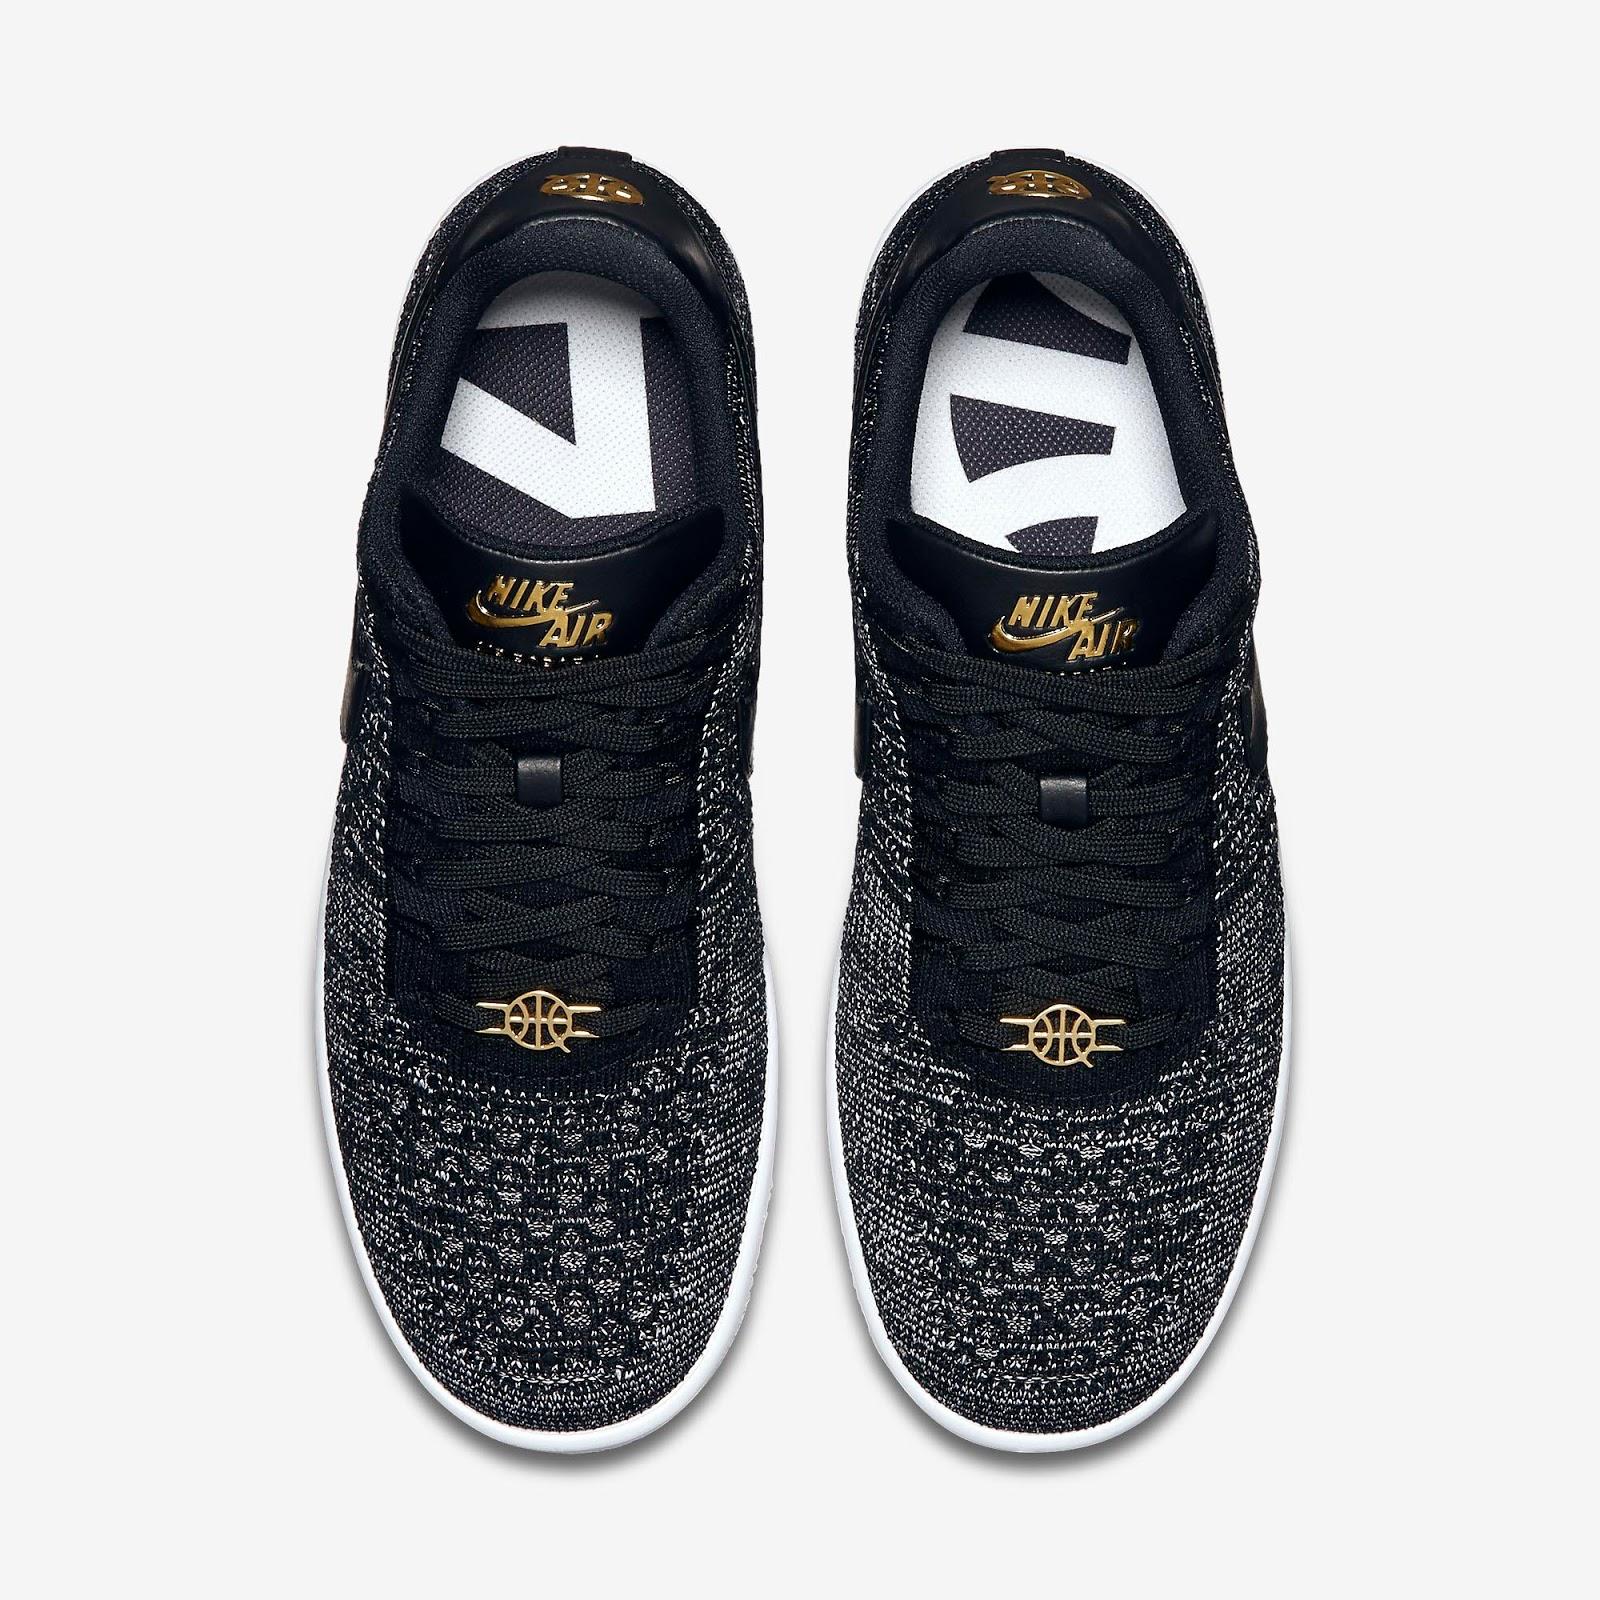 e791e60719 ... promo code ajordanxi your 1 source for sneaker release dates nike air  force 1 e3e3e 38cc4